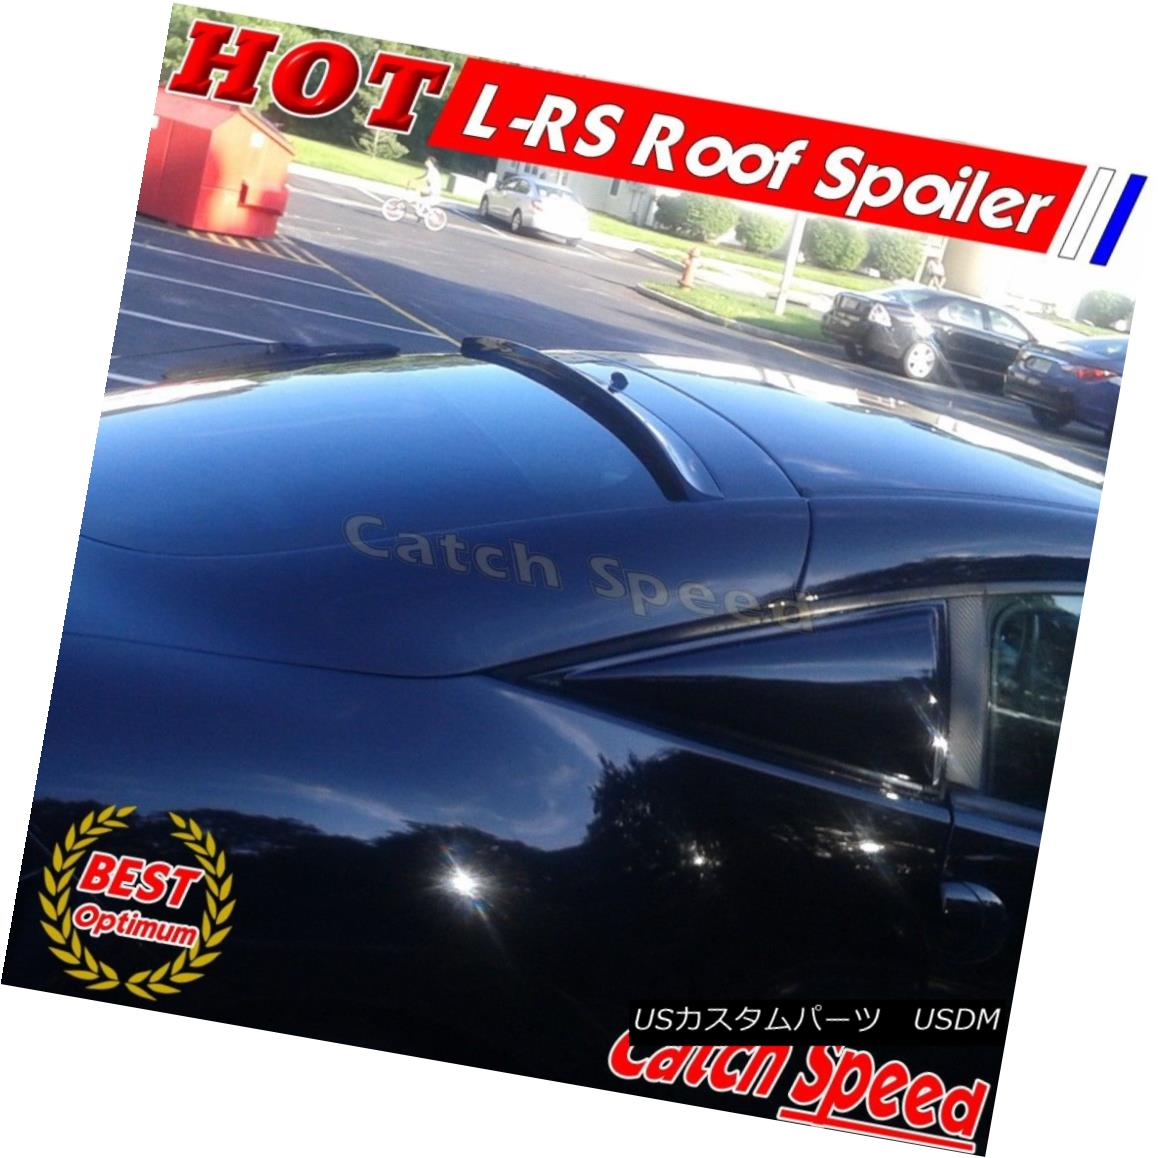 エアロパーツ Flat Black LRS Type Rear Roof Spoiler Wing For Hyundai Sonata YF 2011-13 Sedan ? 現代ソナタ用フラットブラックLRSタイプリアルーフスポイラーウイングYF 2011-13セダン?